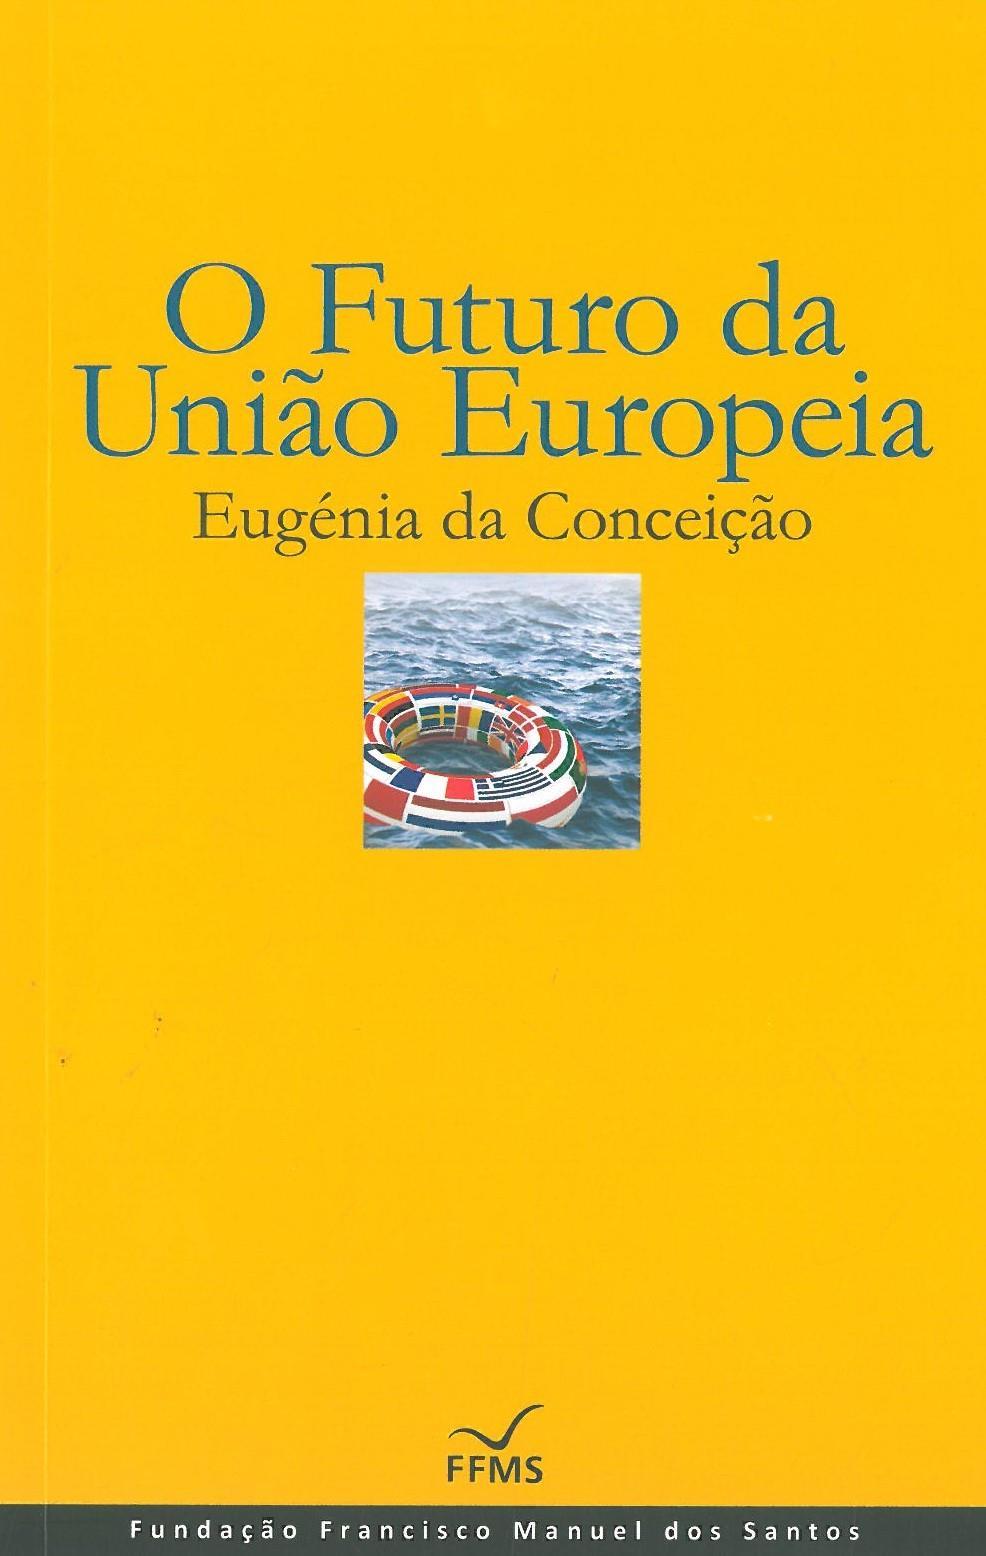 O futuro da União Europeia.jpg